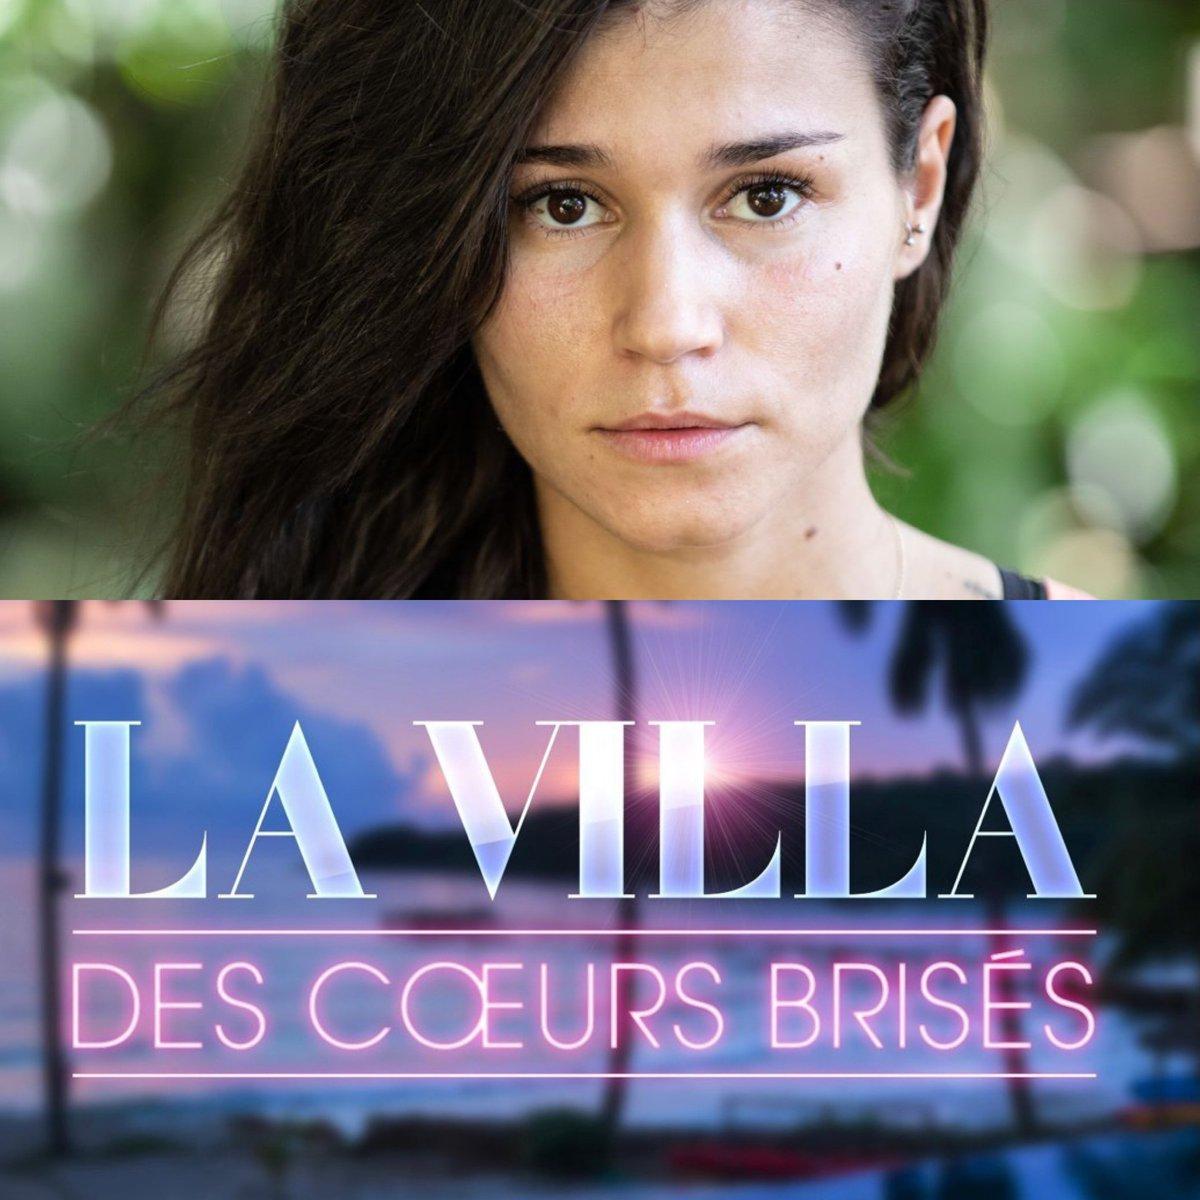 📺 Vous vous souvenez d'Ines dans #KohLanta ?  Et bien figurez-vous que la jeune femme fera très prochainement son retour à télé lors de la sixième saison de La Villa des Coeurs Brisés !  Heureux de la retrouver ?   Follow @UNiCOpeople pour ne rien rater sur #LaVilla6 🌴💔